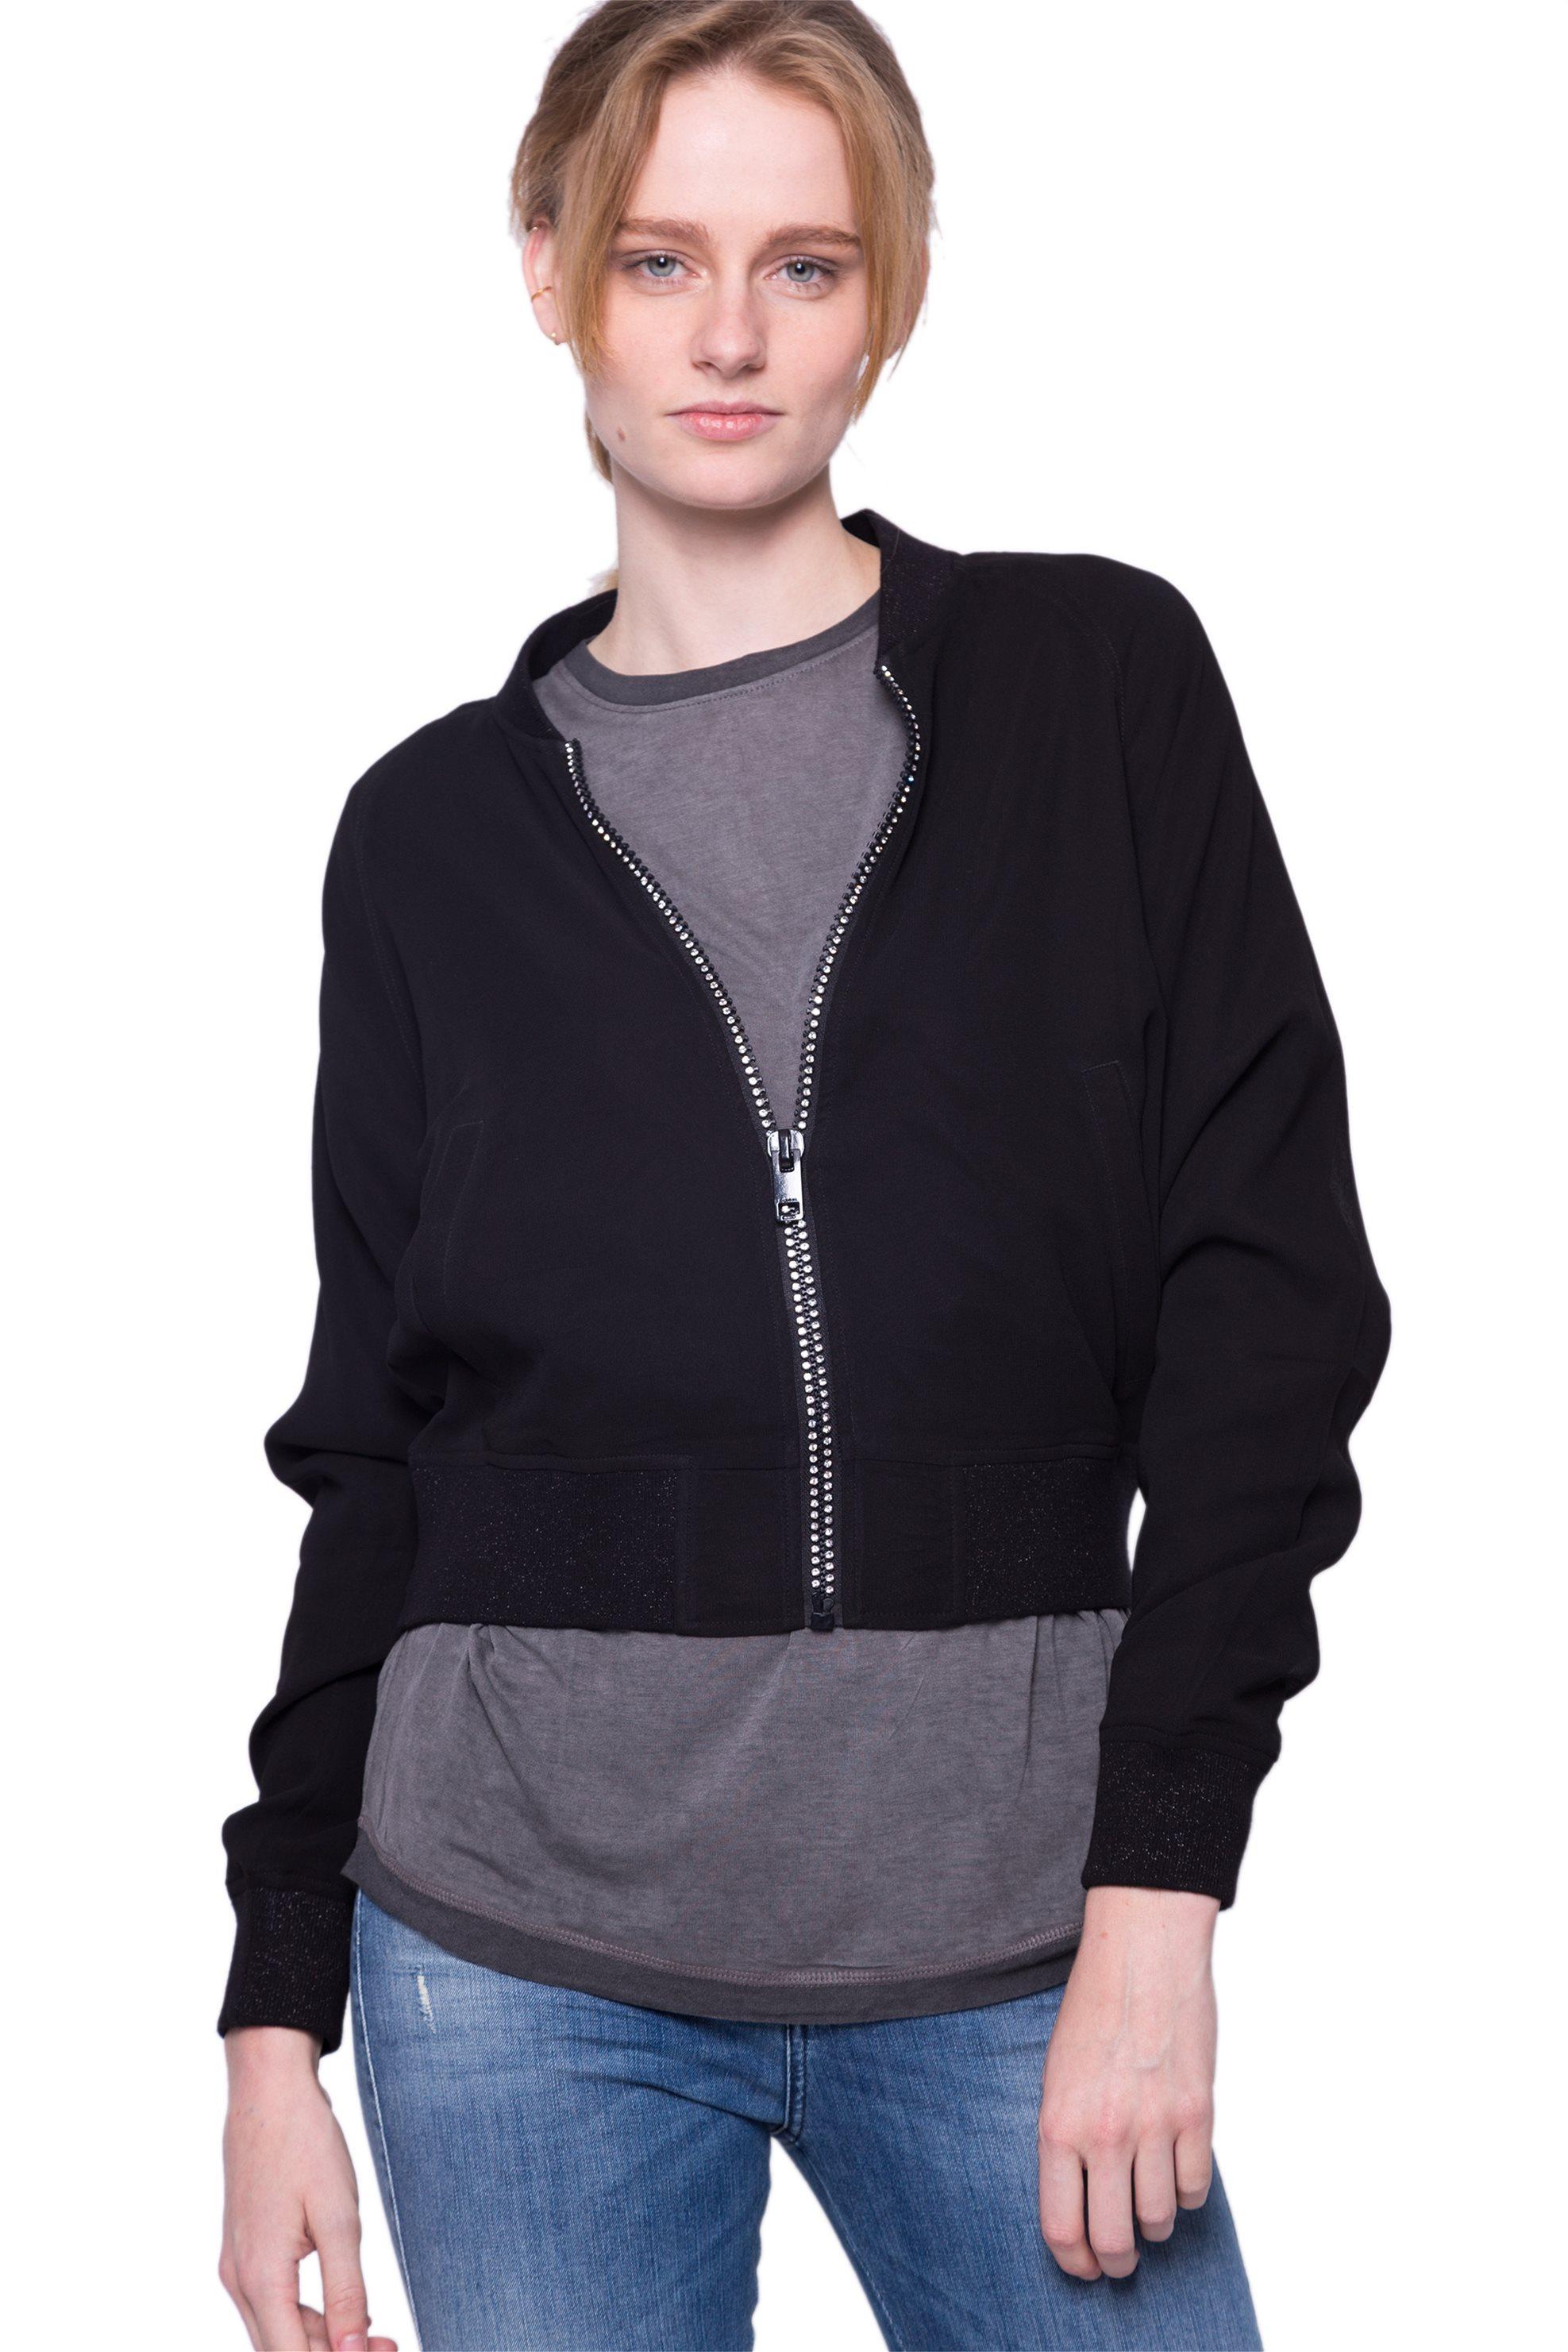 Γυναικείo bomber jacket Diesel - 00S7JX 0AARB - Μαύρο γυναικα   ρουχα   πανωφόρια   μπουφάν   σακάκια   bomber jackets